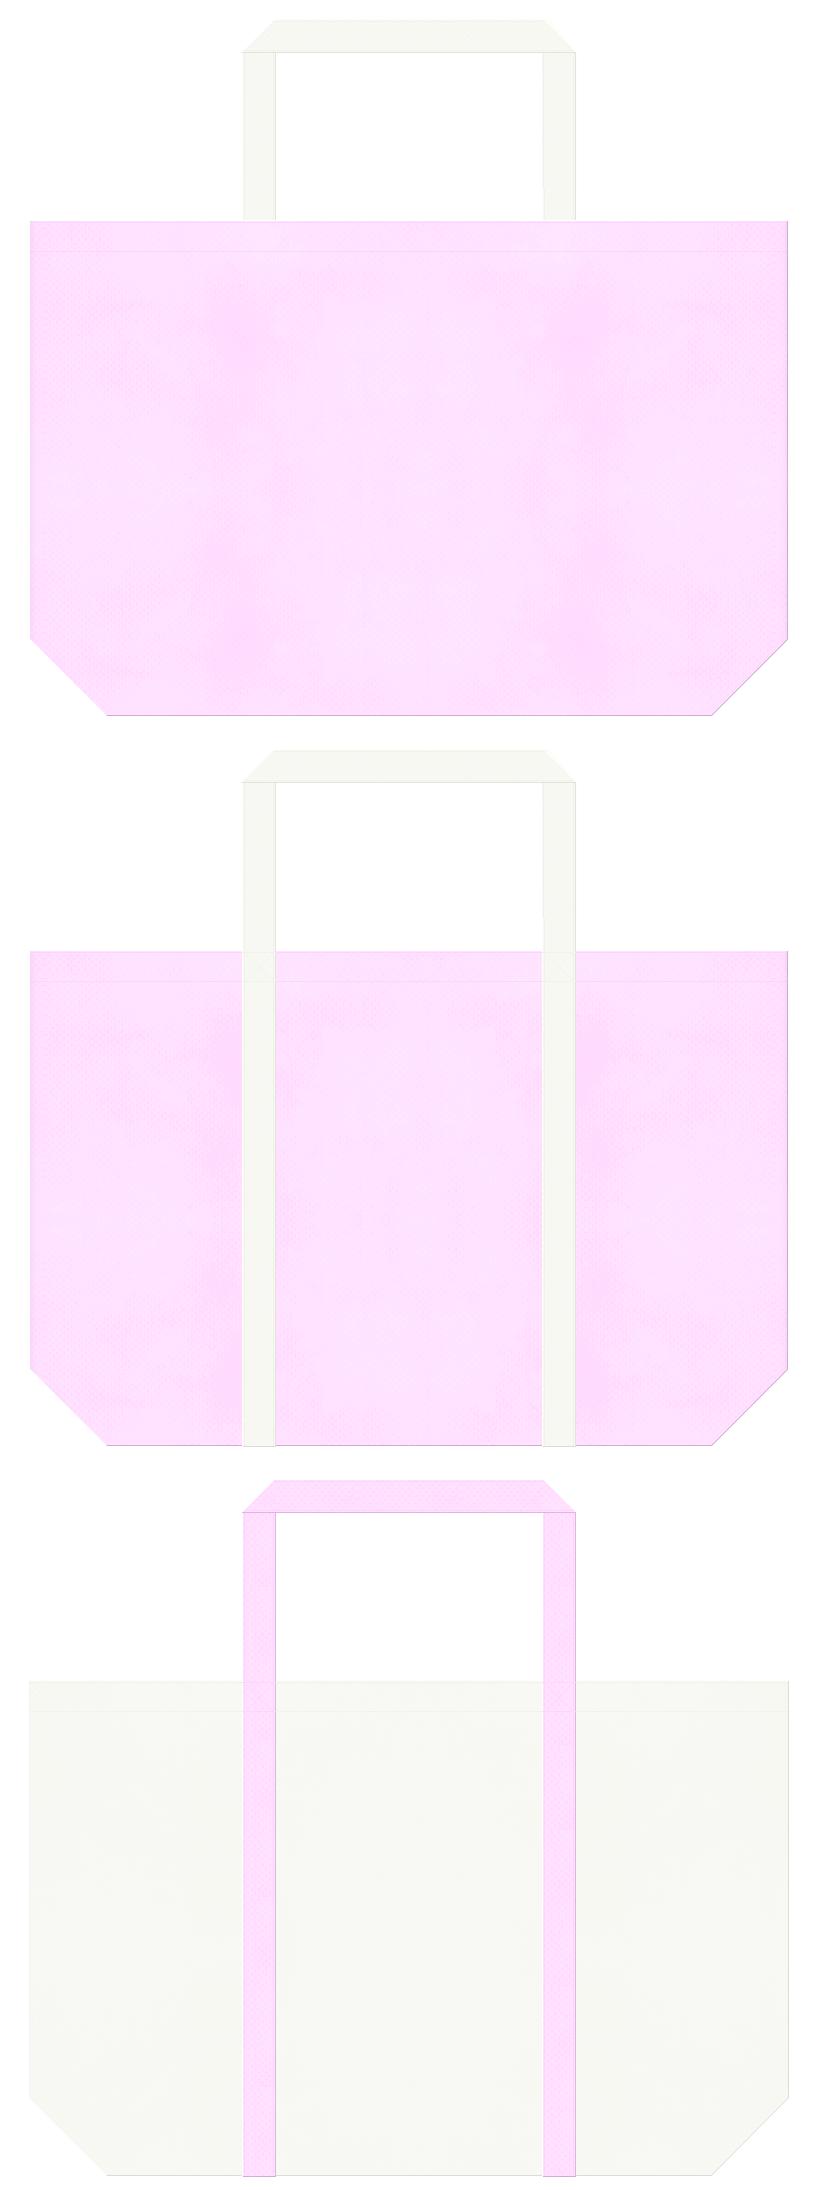 保育・福祉・介護・医療・ひな祭り・母の日・ブーケ・フラワーショップ・ウェディング・イチゴミルク・フラミンゴ・バタフライ・ドリーム・プリンセス・シュガー・マシュマロ・うさぎ・ファンシー・パステルカラー・ガーリーデザインにお奨めの不織布バッグデザイン:明るいピンク色とオフホワイト色のコーデ